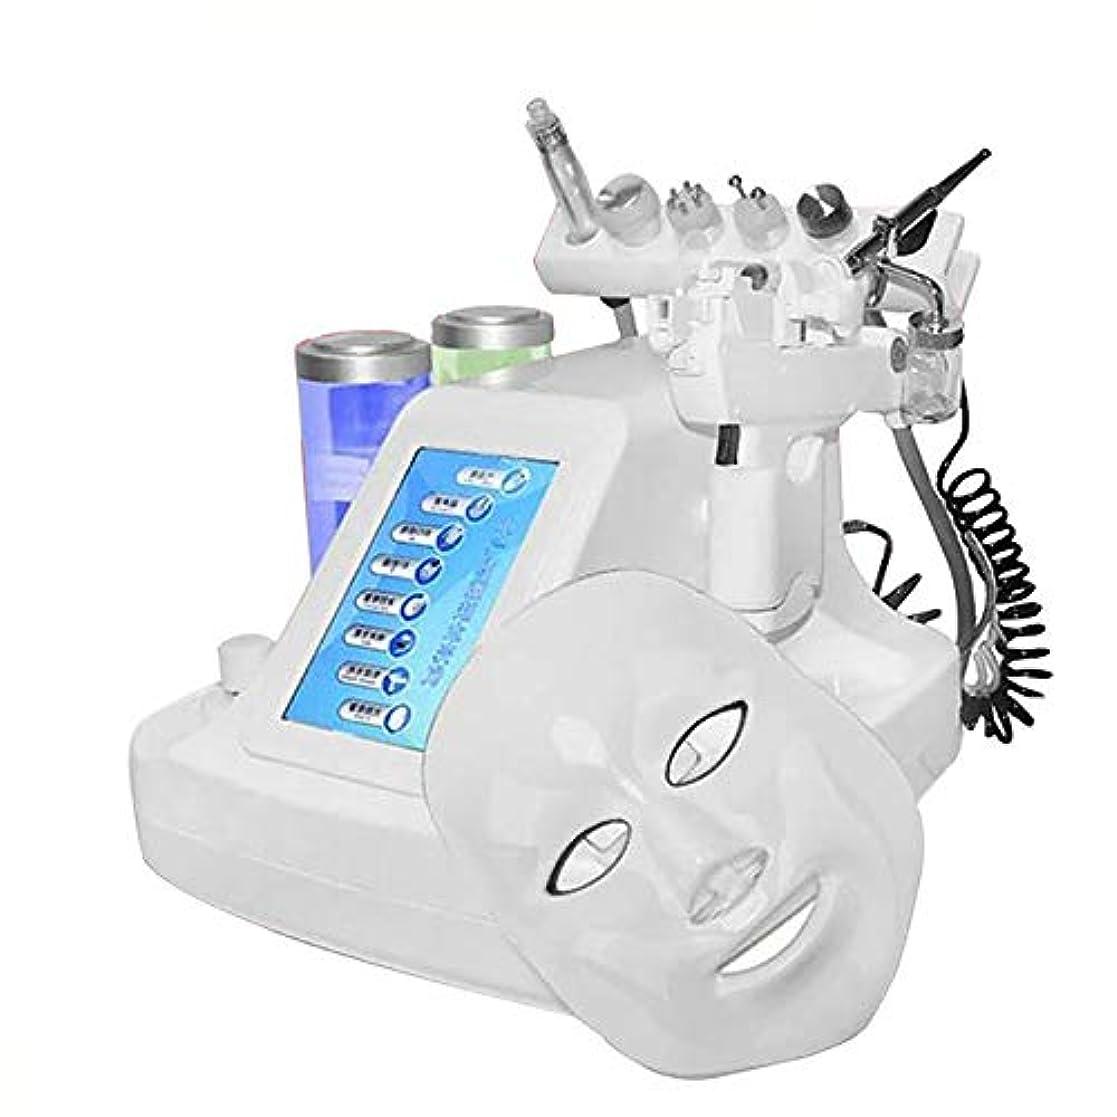 誓う大腿コンセンサス1台の水の酸素マシン、水ハイドロ皮膚剥離?フェイシャルスプレー保湿若返りスキン機で8